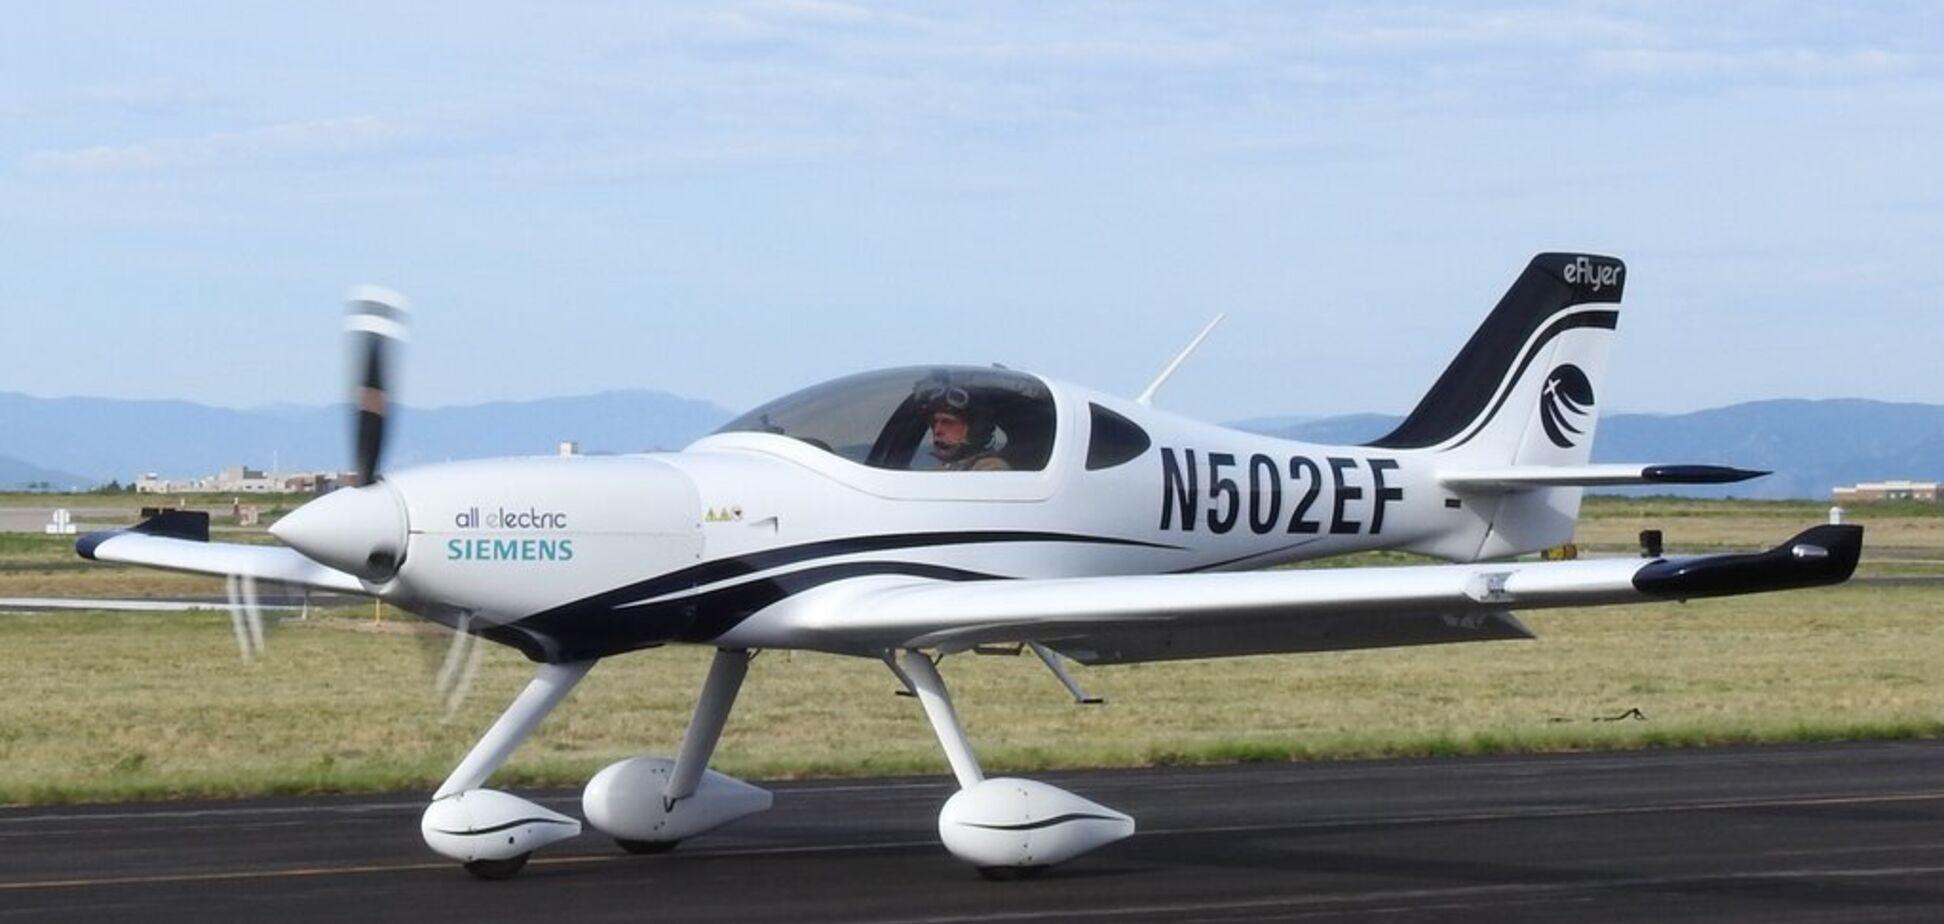 Стати пілотом за годину? У США винайшли незвичайний електролітак